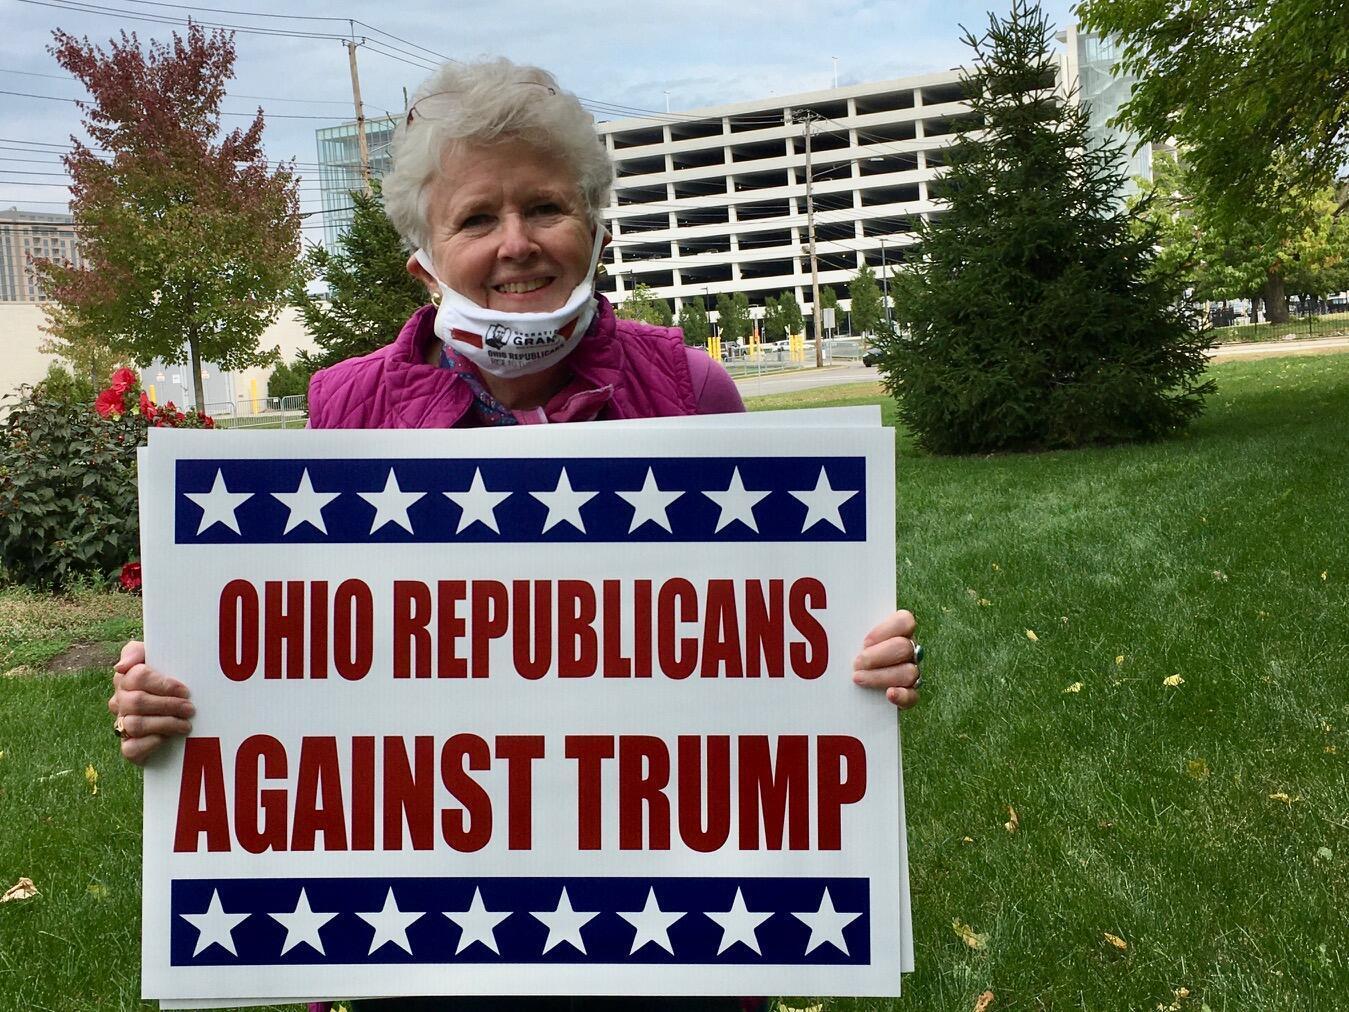 Ancienne adjointe du procureur général en Ohio, Michael Ann Johnson a le même âge que Donald Trump. Elle estime que le président a porté atteinte à la démocratie américaine.